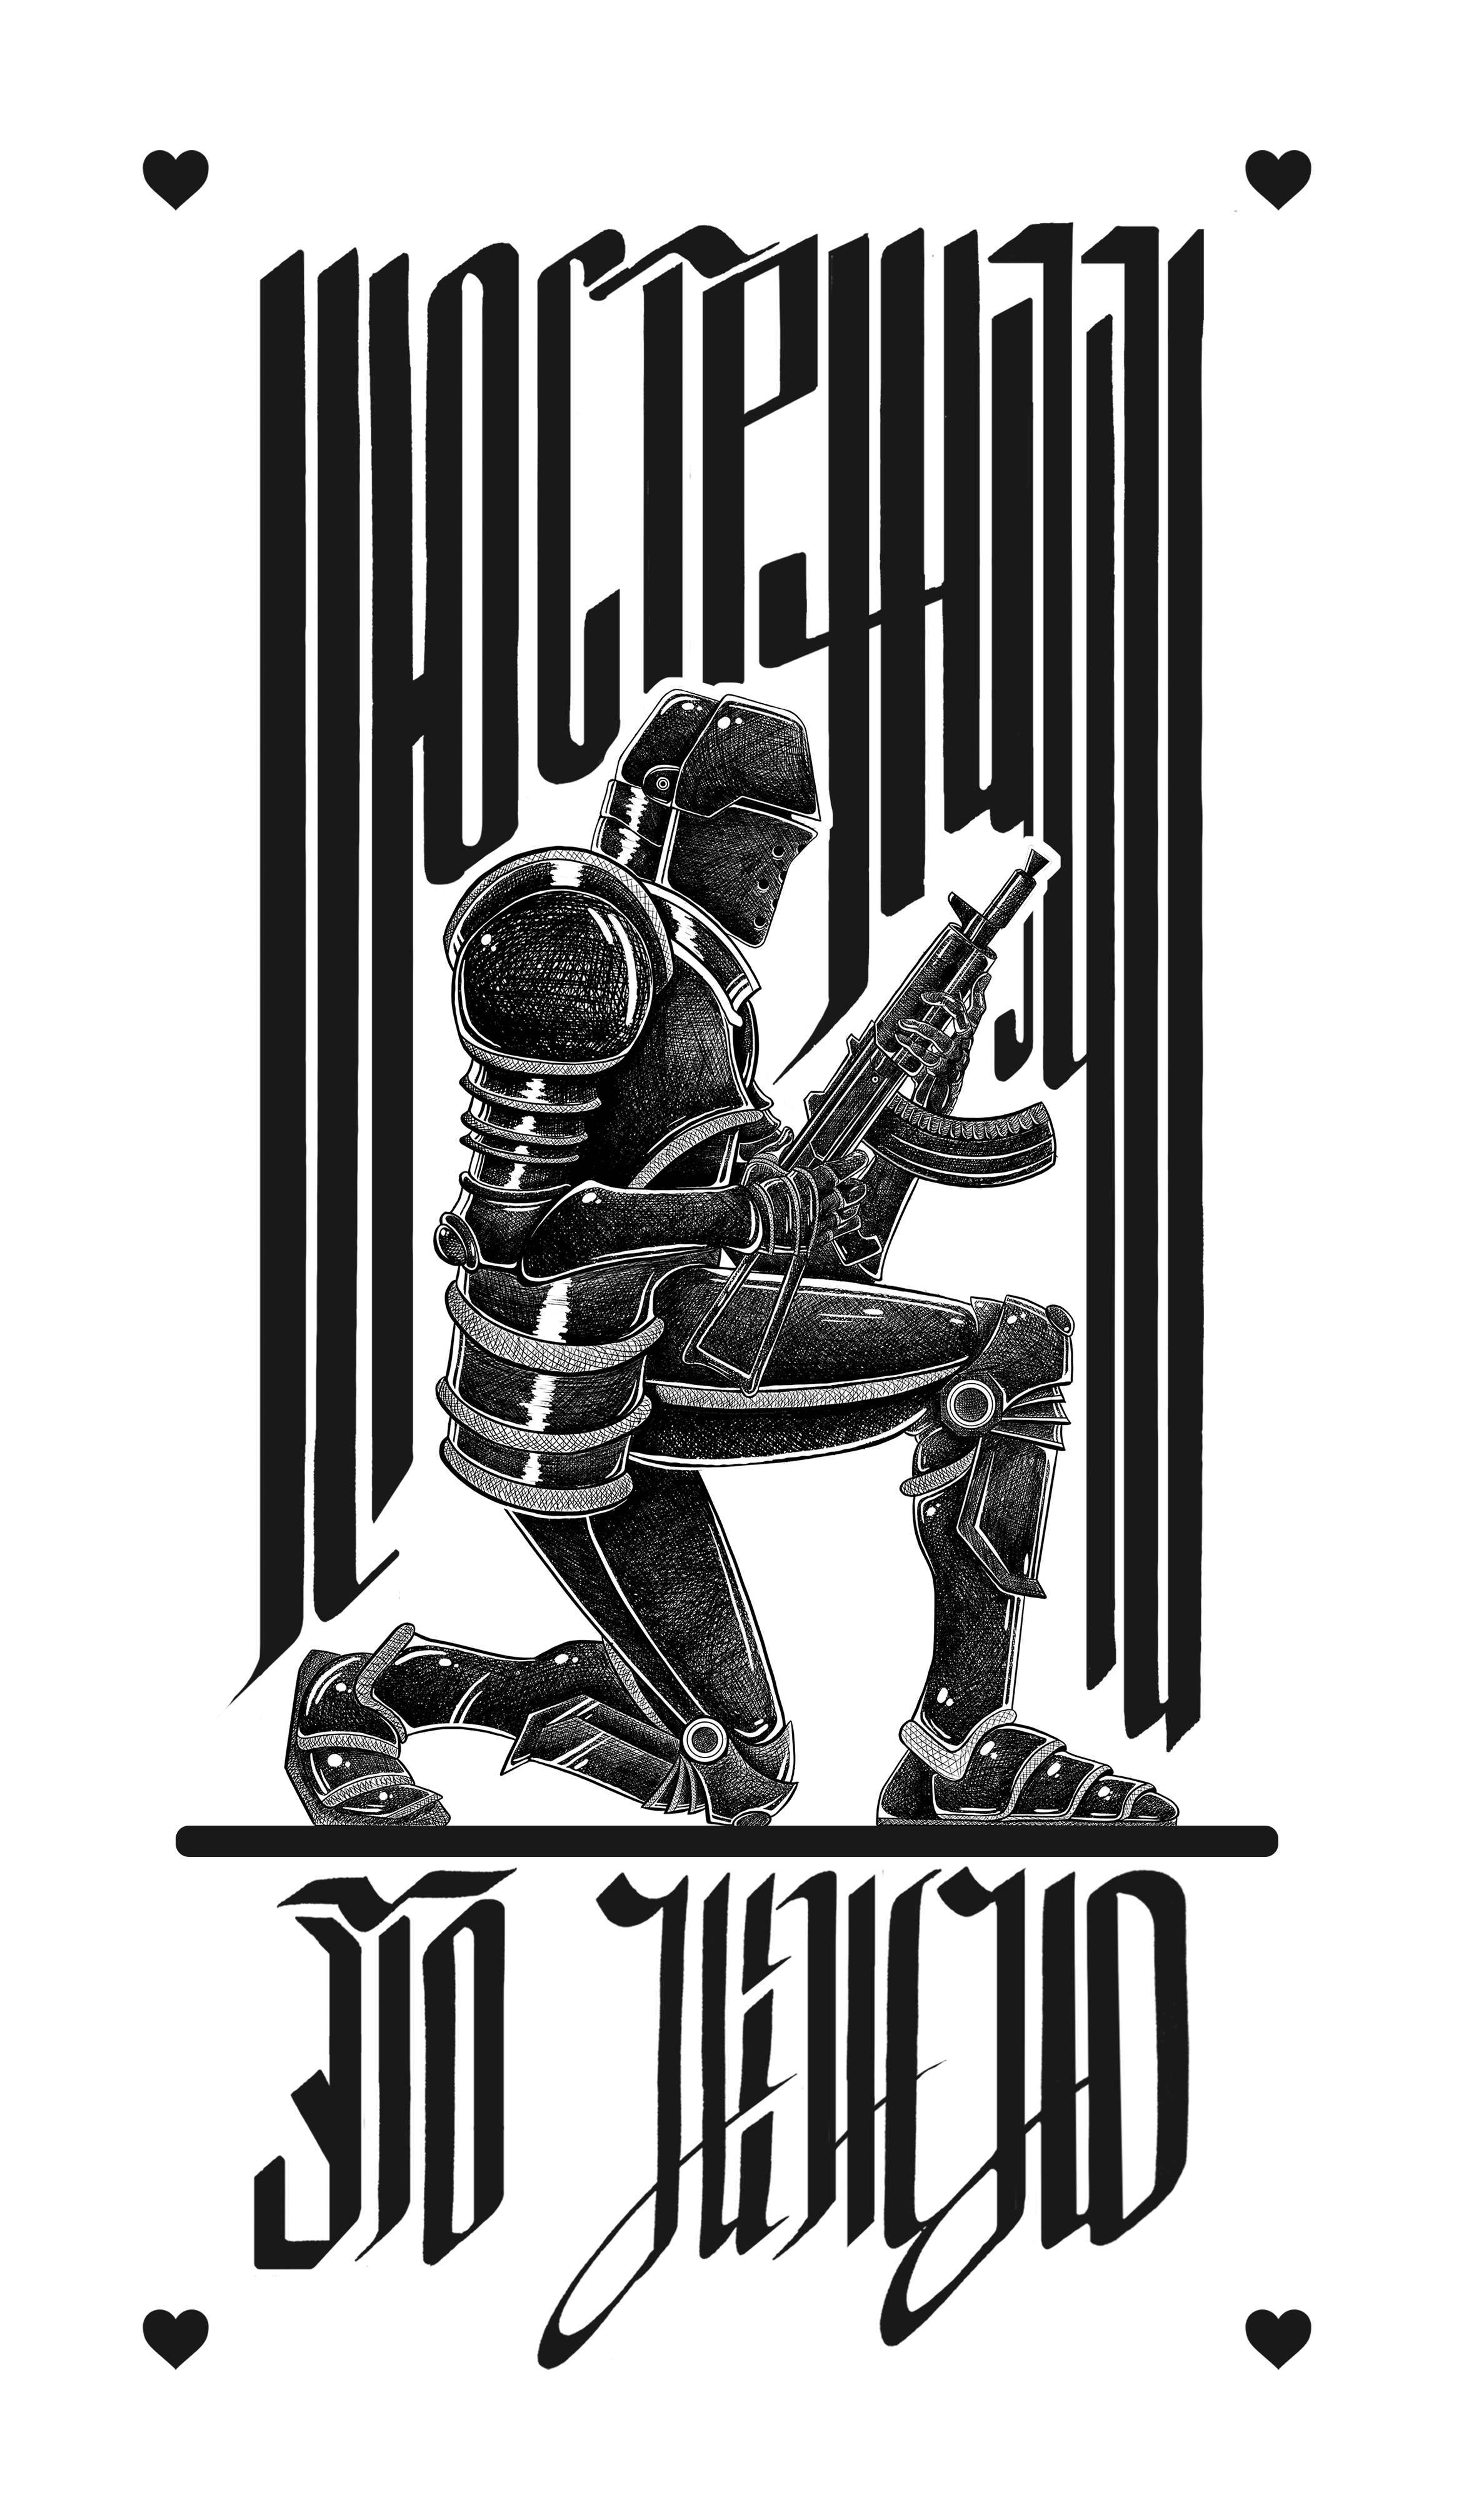 (принт) Доблестный рыцарь